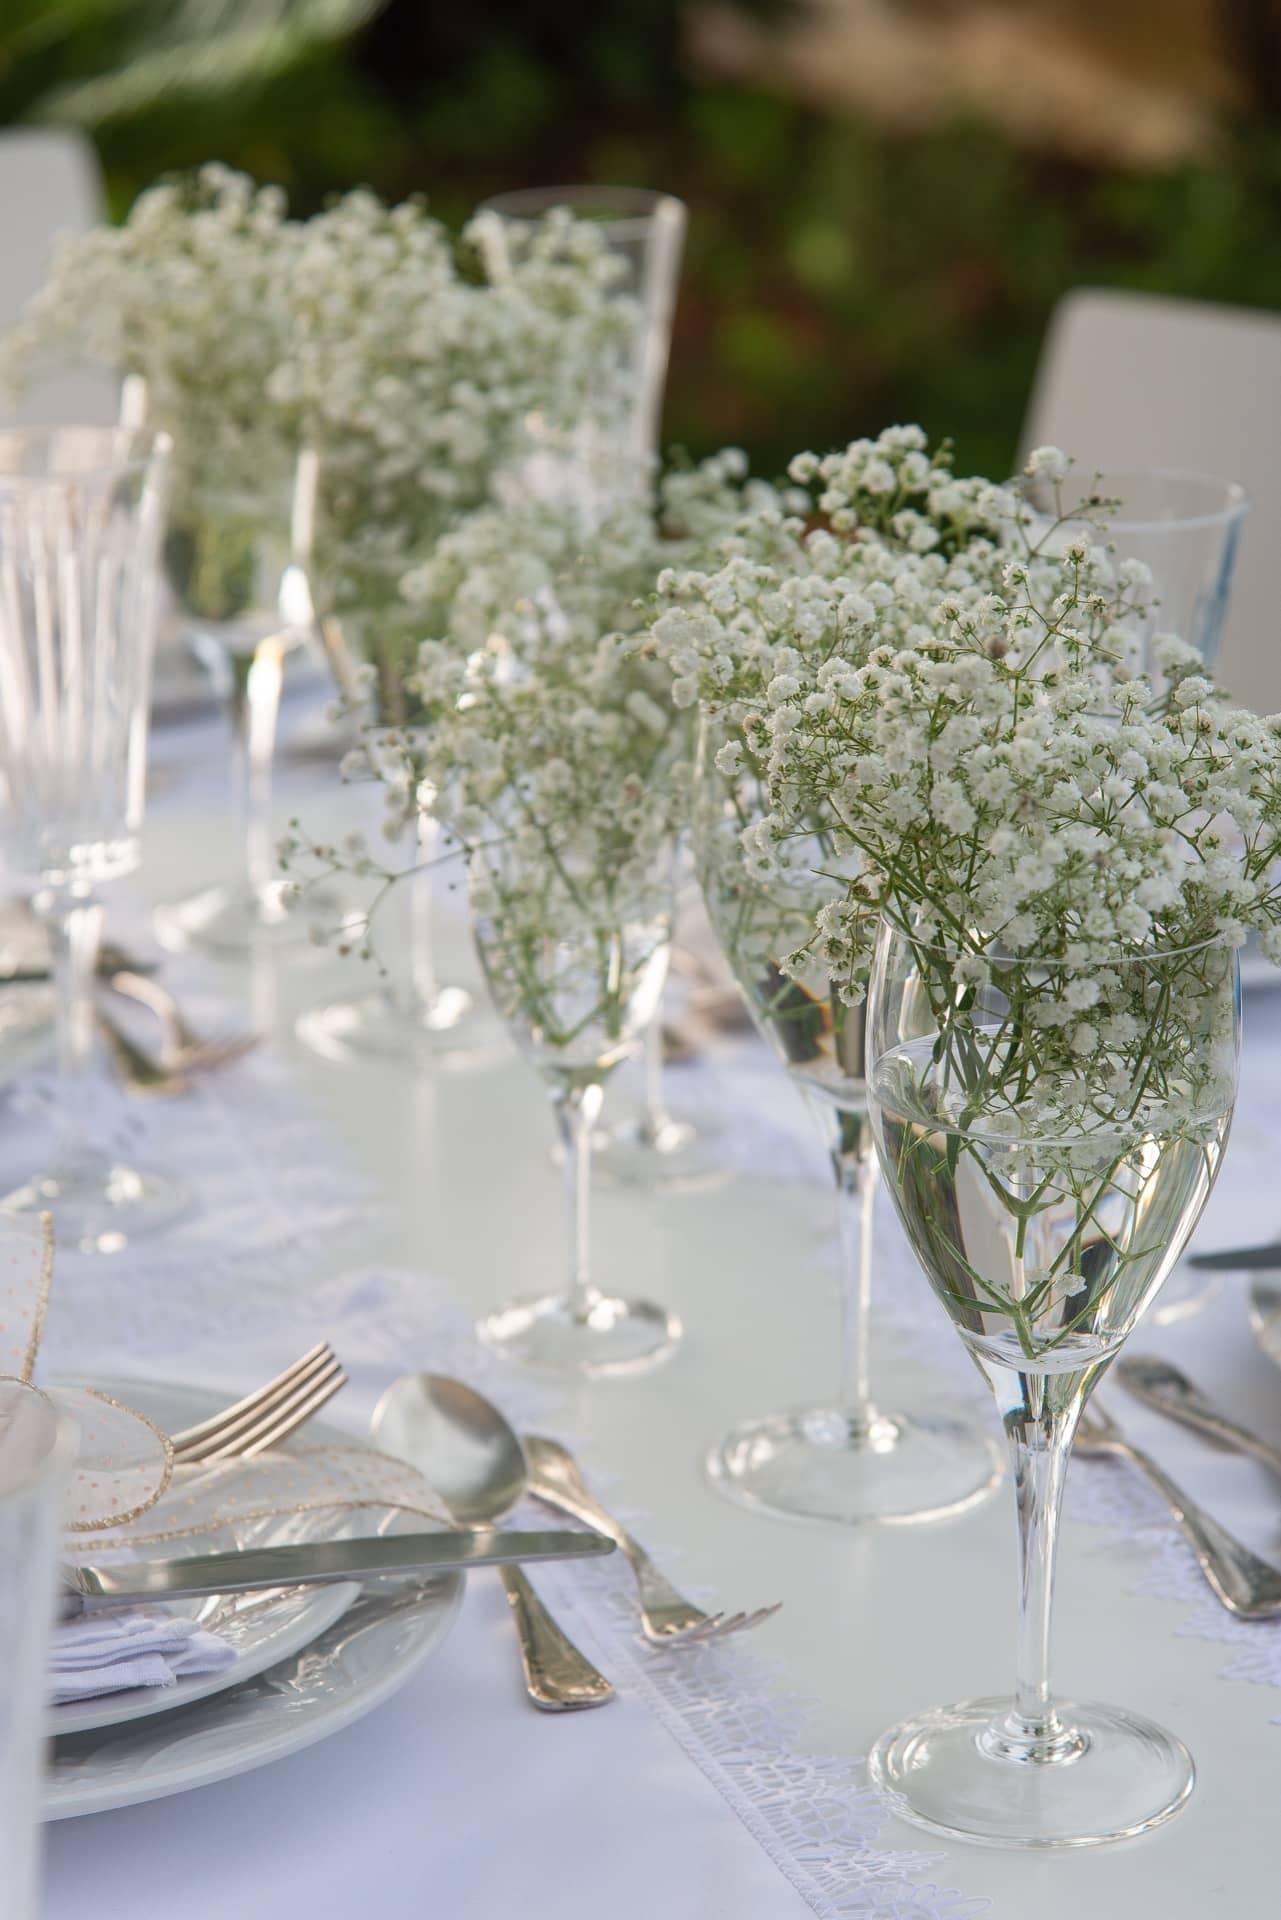 """Imagem: O arranjo de centro de mesa é feito somente com delicadas gipsofilas, também conhecidas como """"mosquitinhos"""". Arrume as flores dentro de taças de cristal, como estas da Oxford Handmade Crystal. Para dar movimento ao arranjo, escolha taças de alturas variadas. Foto: Cacá Bratke"""